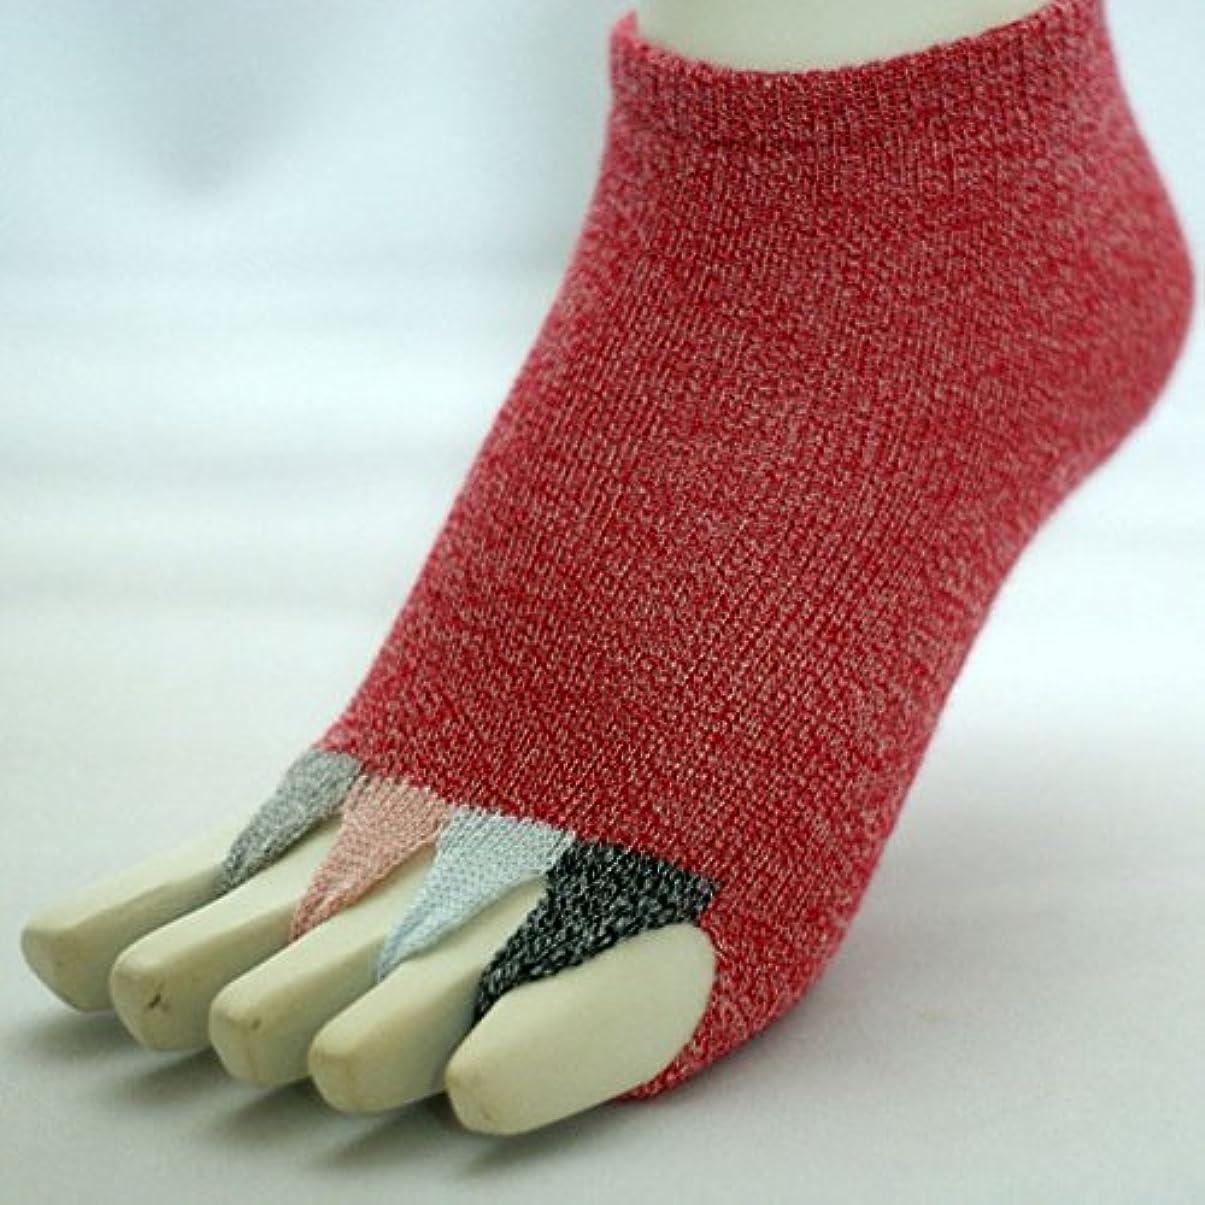 単調な純粋な曲指なし健康ソックス マルチ?サイズ23cm~25cm?カラー2色 (クロムク, サーモンピンク) (赤)